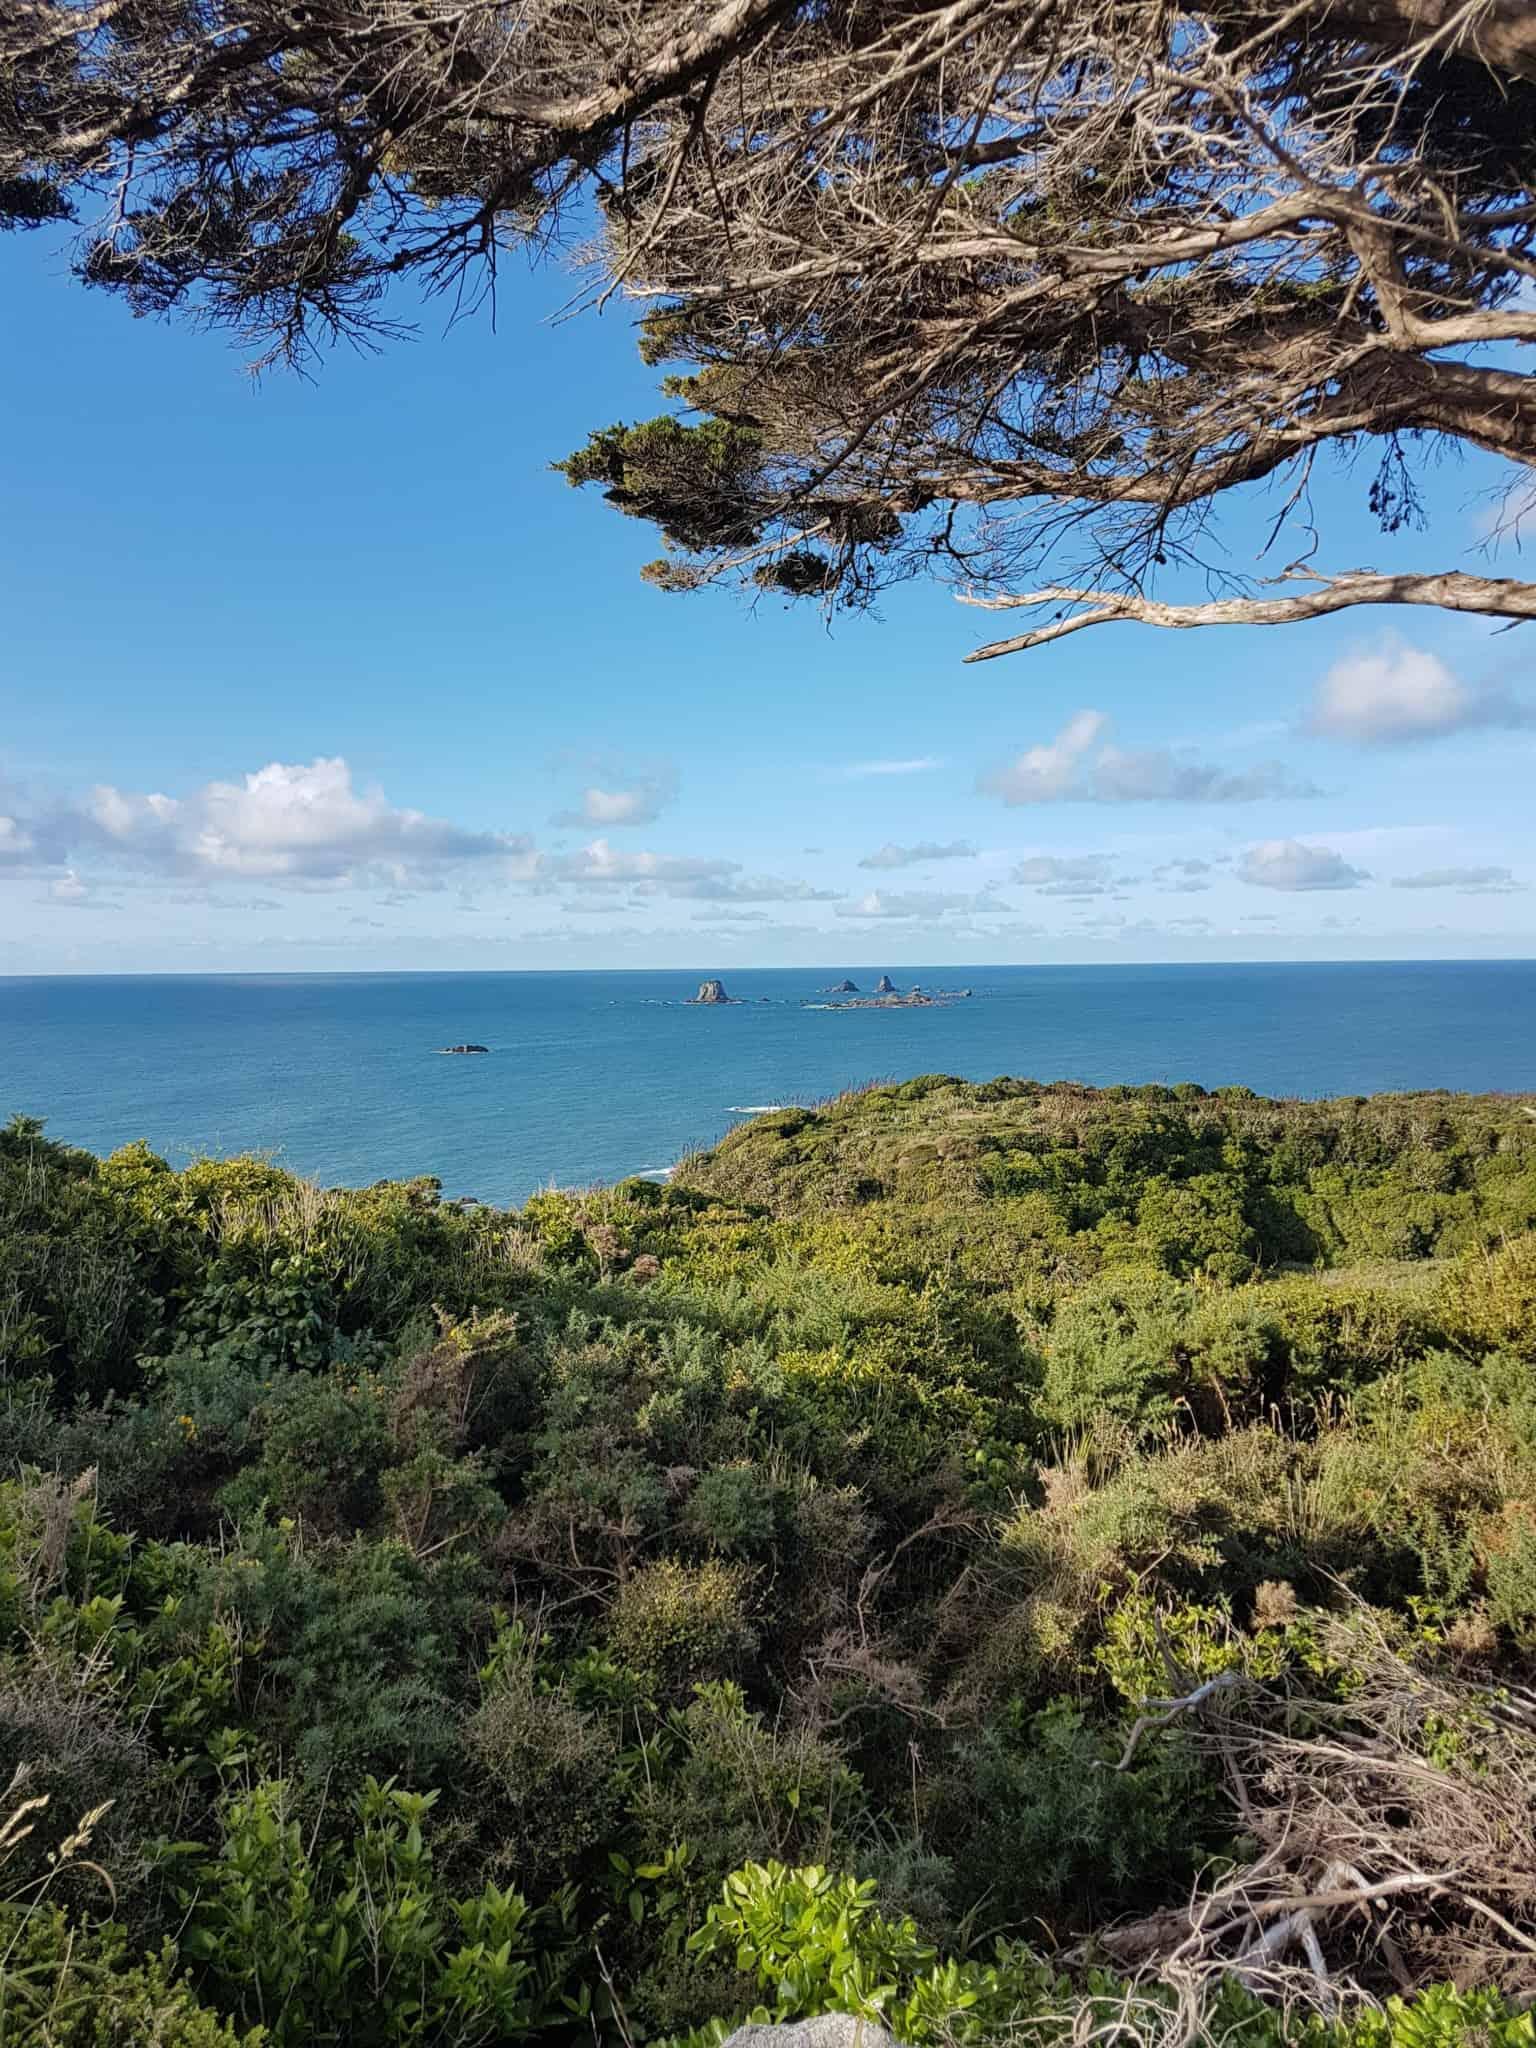 Nouvelle-Zélande, le Cap Foulwind et sa côte sauvage 🌿 17